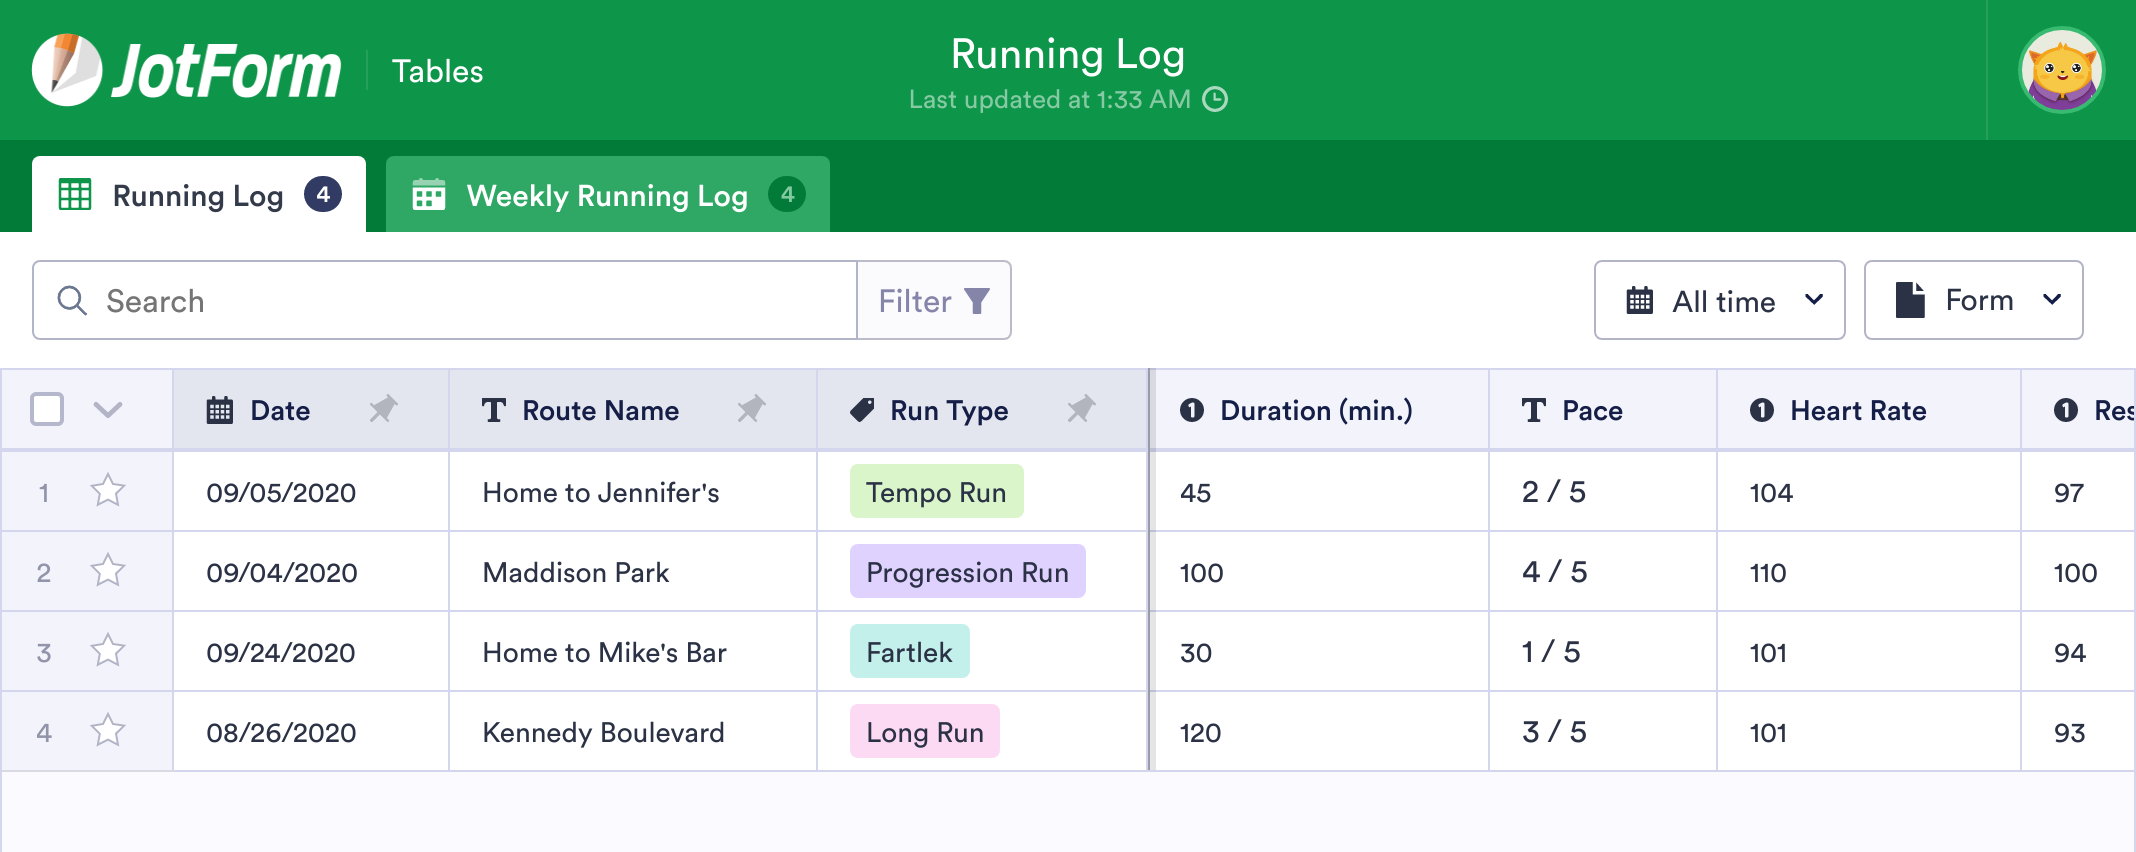 Running Log